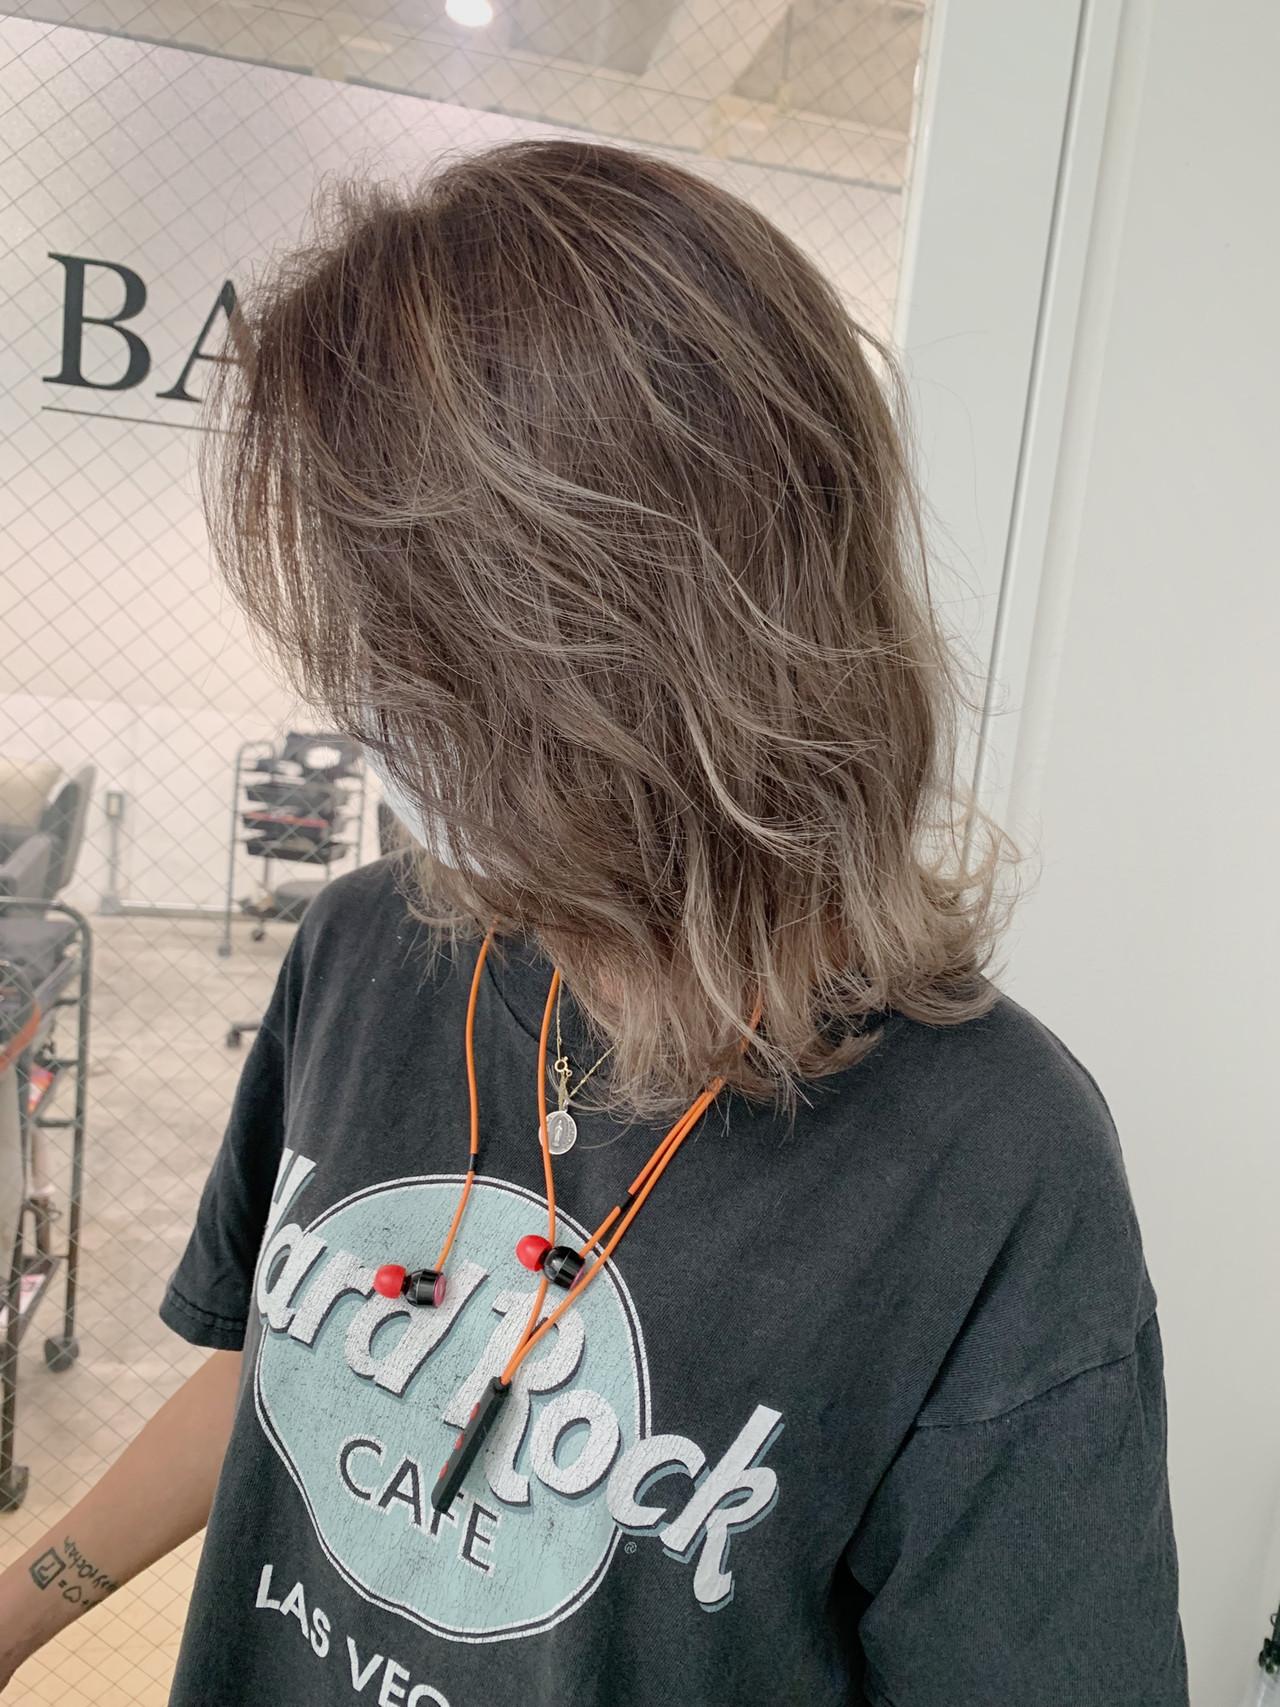 ハイライト 成人式 ナチュラル ミディアム ヘアスタイルや髪型の写真・画像